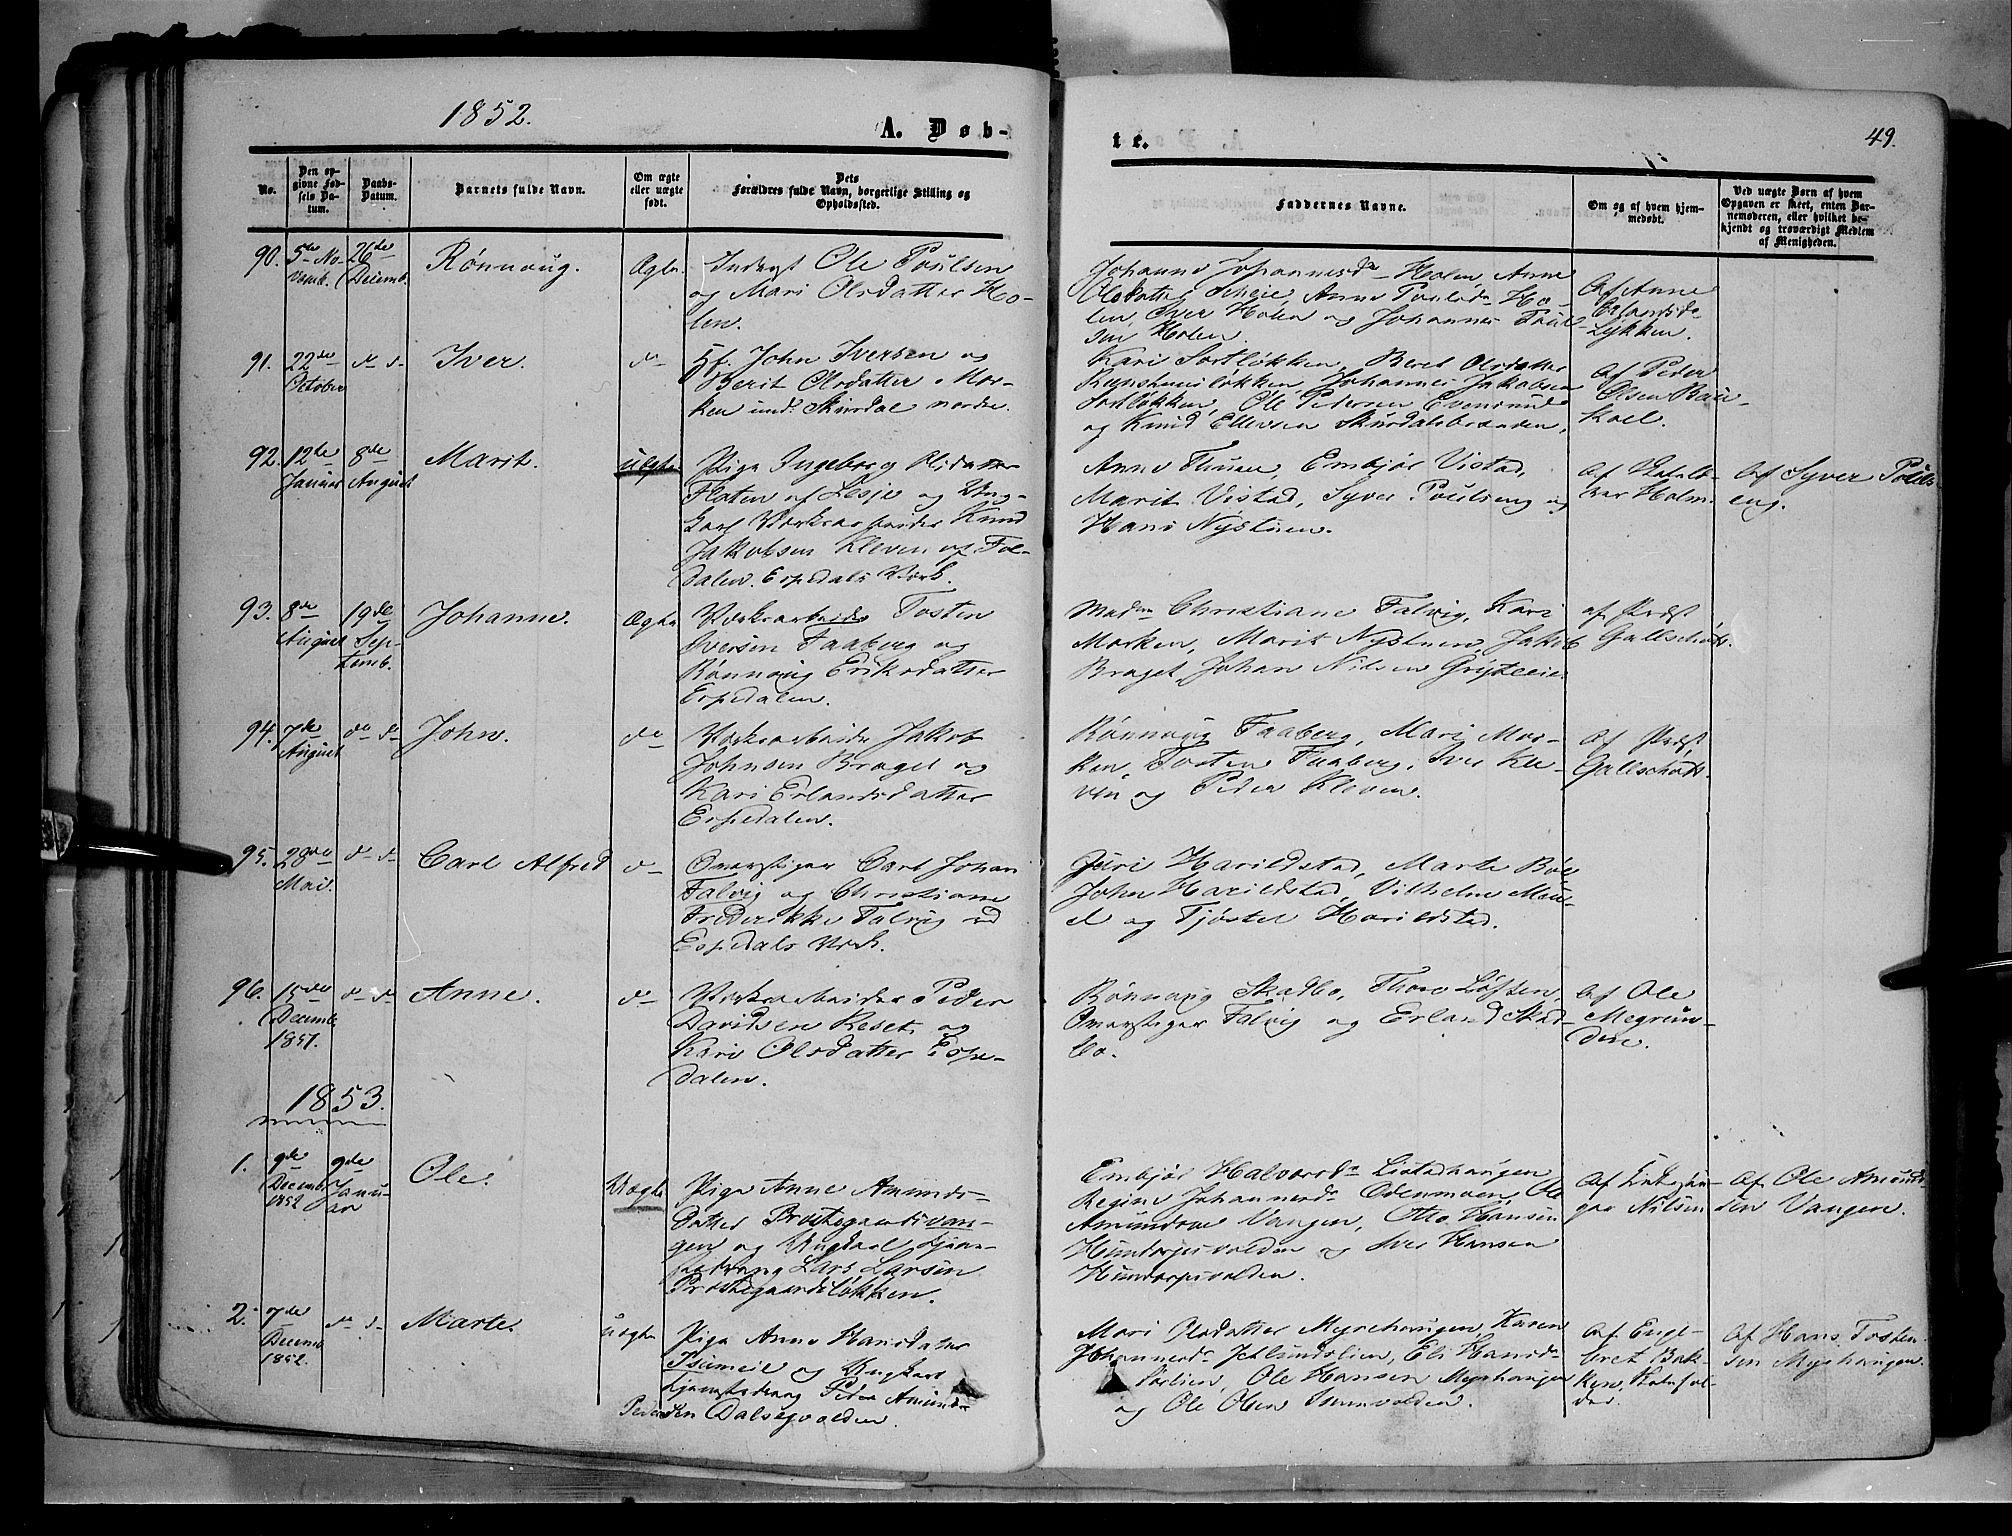 SAH, Sør-Fron prestekontor, H/Ha/Haa/L0001: Ministerialbok nr. 1, 1849-1863, s. 49